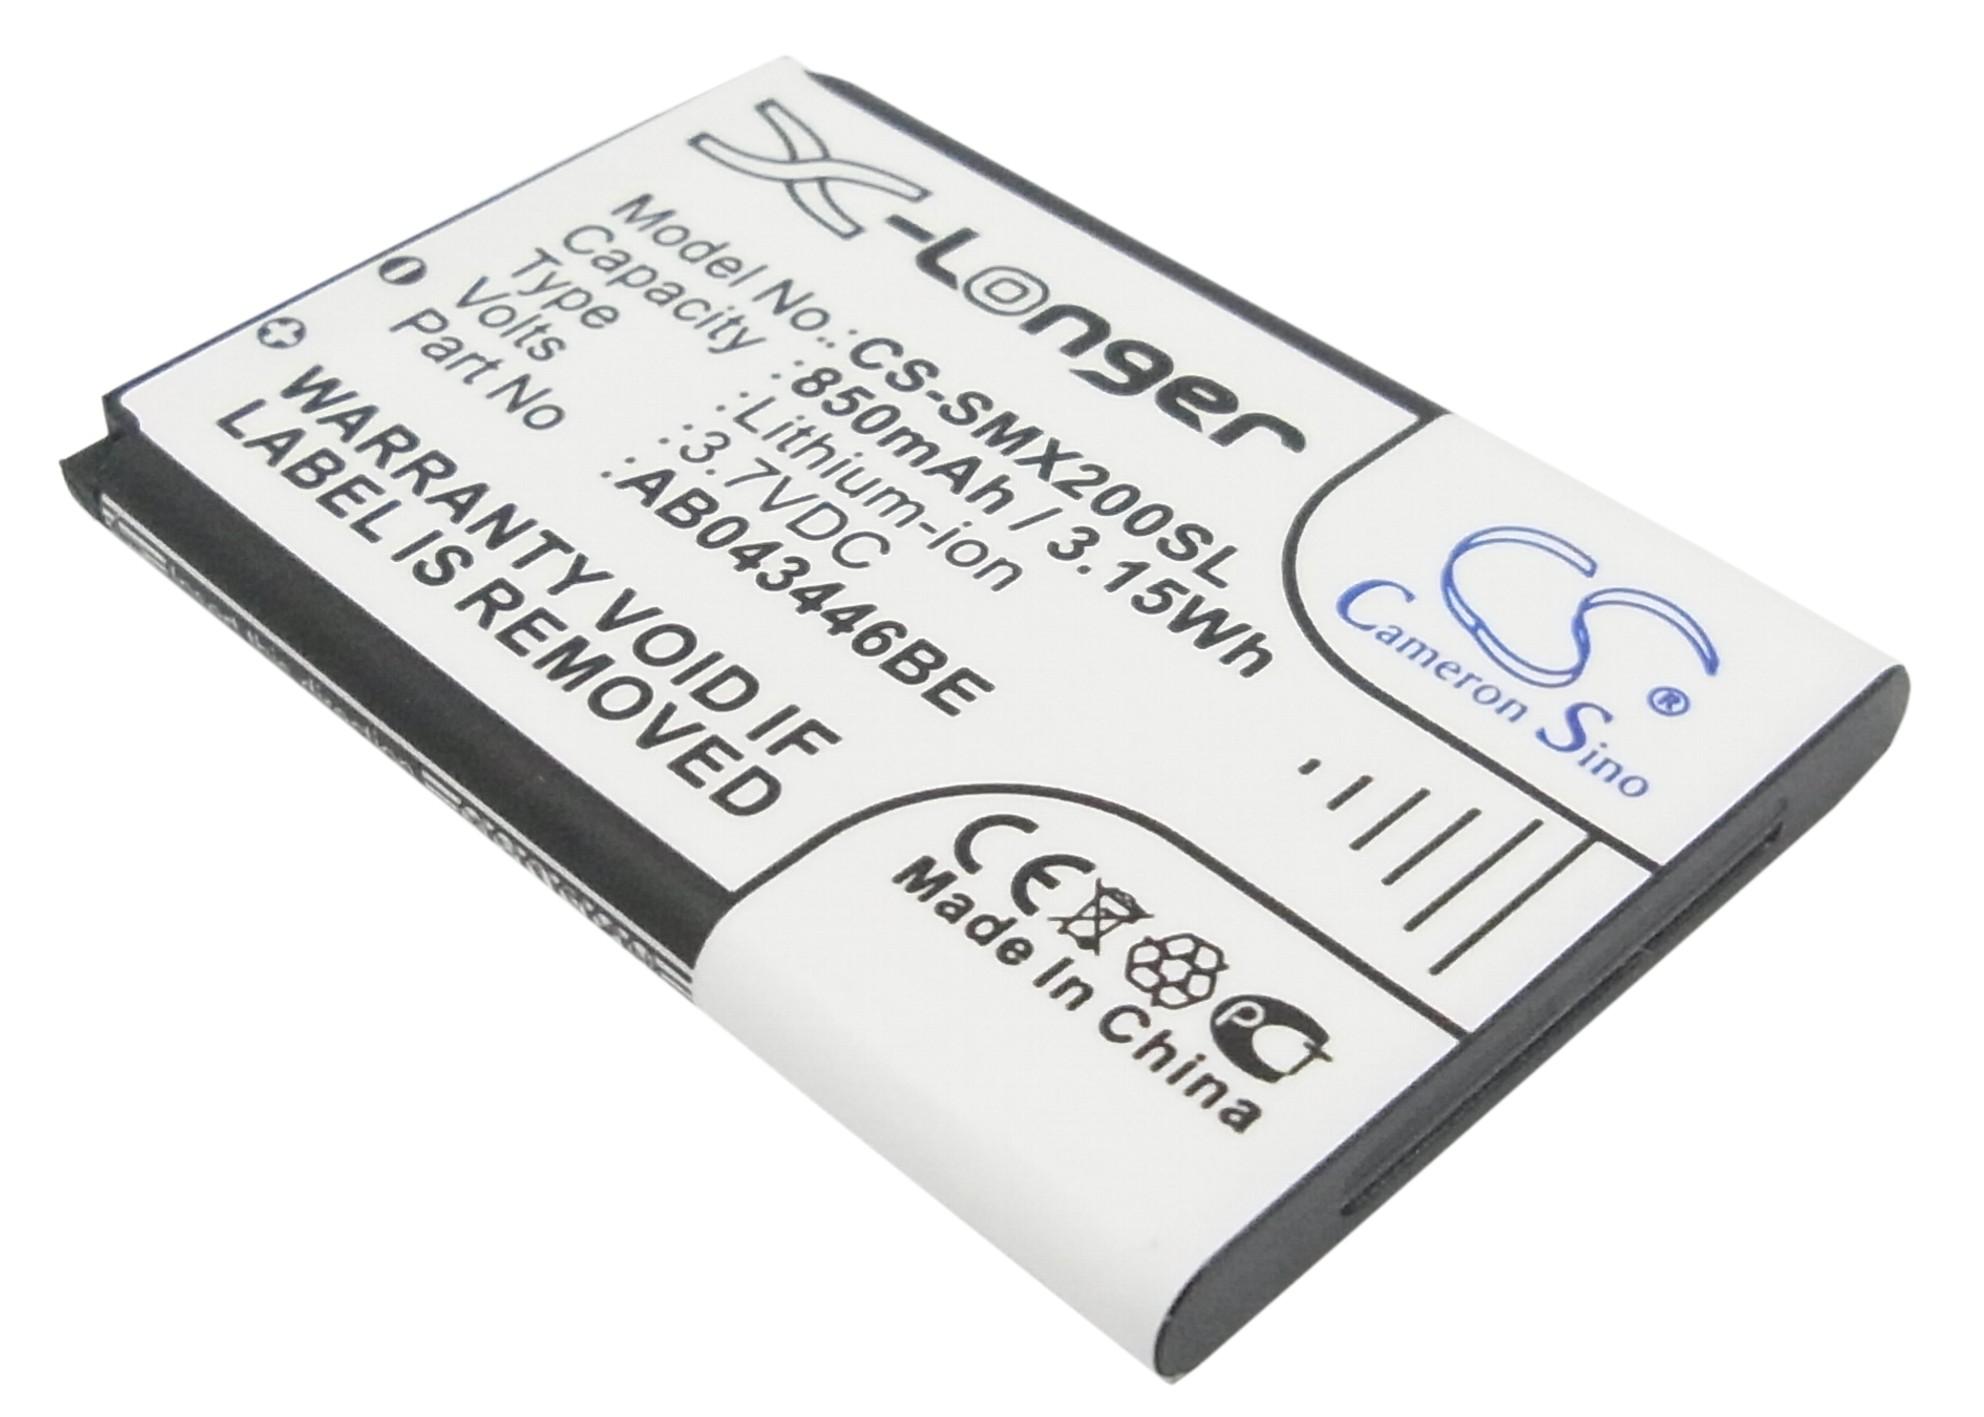 Cameron Sino baterie do mobilů pro SAMSUNG SGH-X200 3.7V Li-ion 850mAh černá - neoriginální